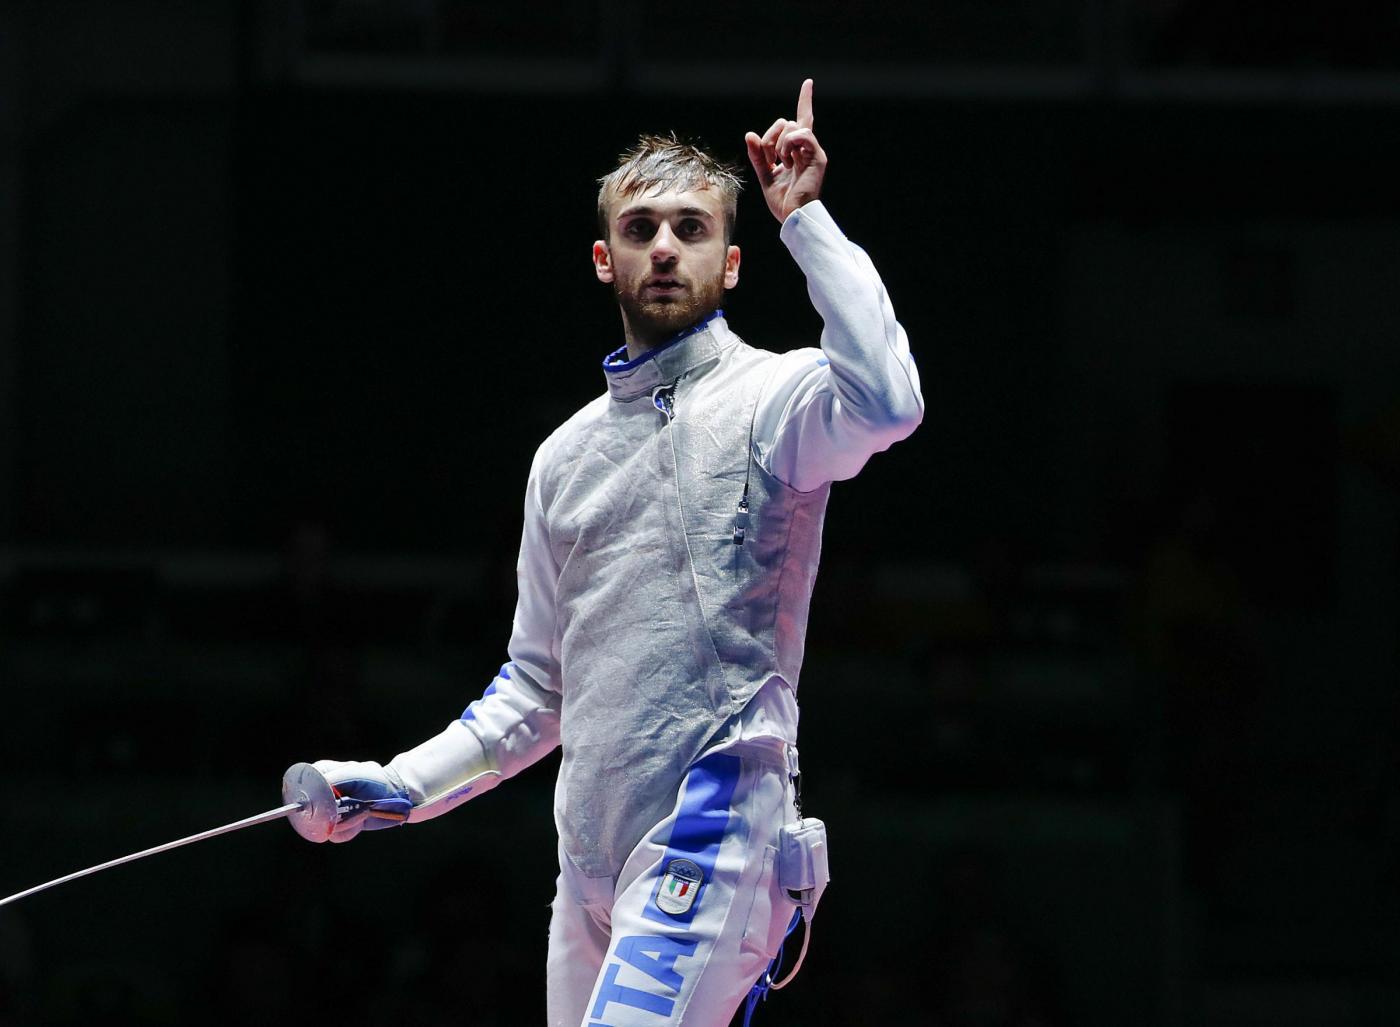 Olimpiadi 2016: Garozzo oro nel fioretto maschile individuale